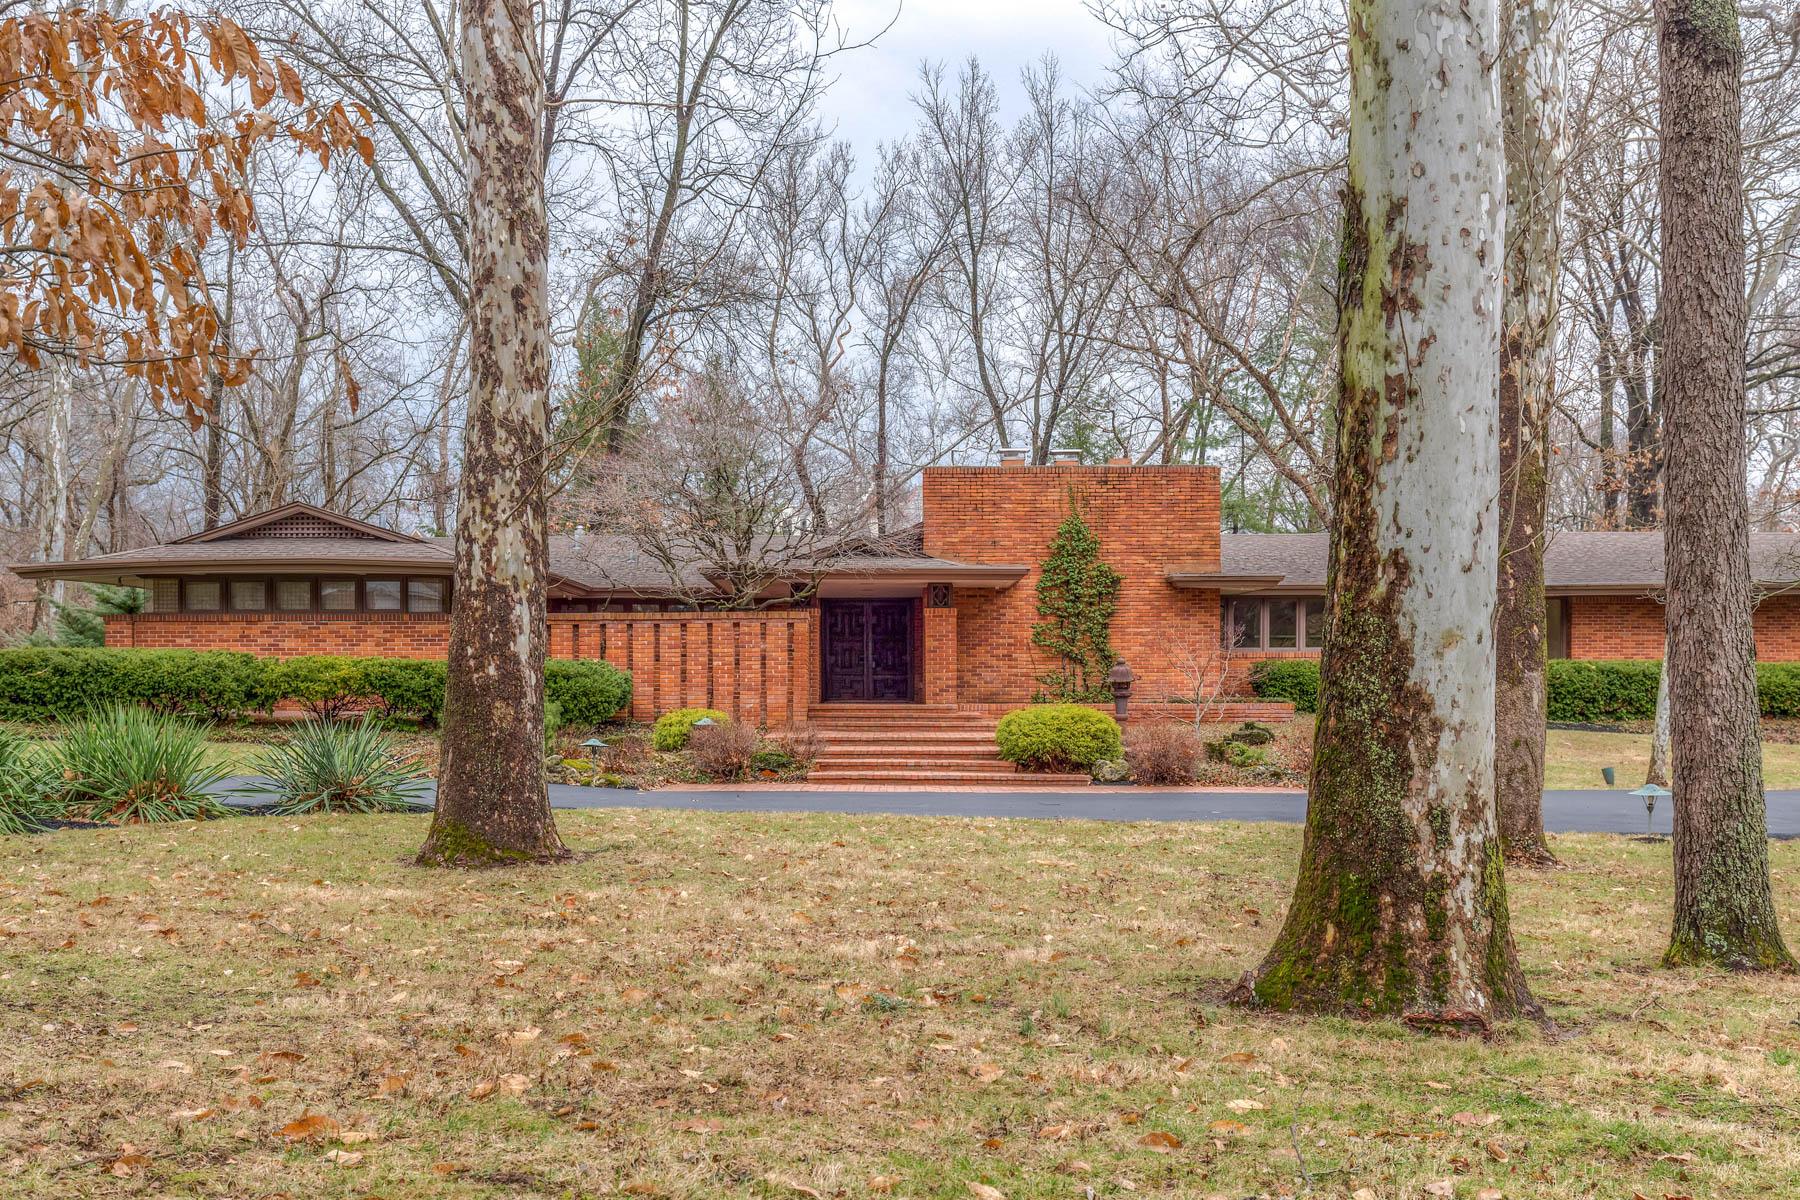 独户住宅 为 销售 在 Babler Lane 11 Babler Lane Ladue, 密苏里州, 63124 美国